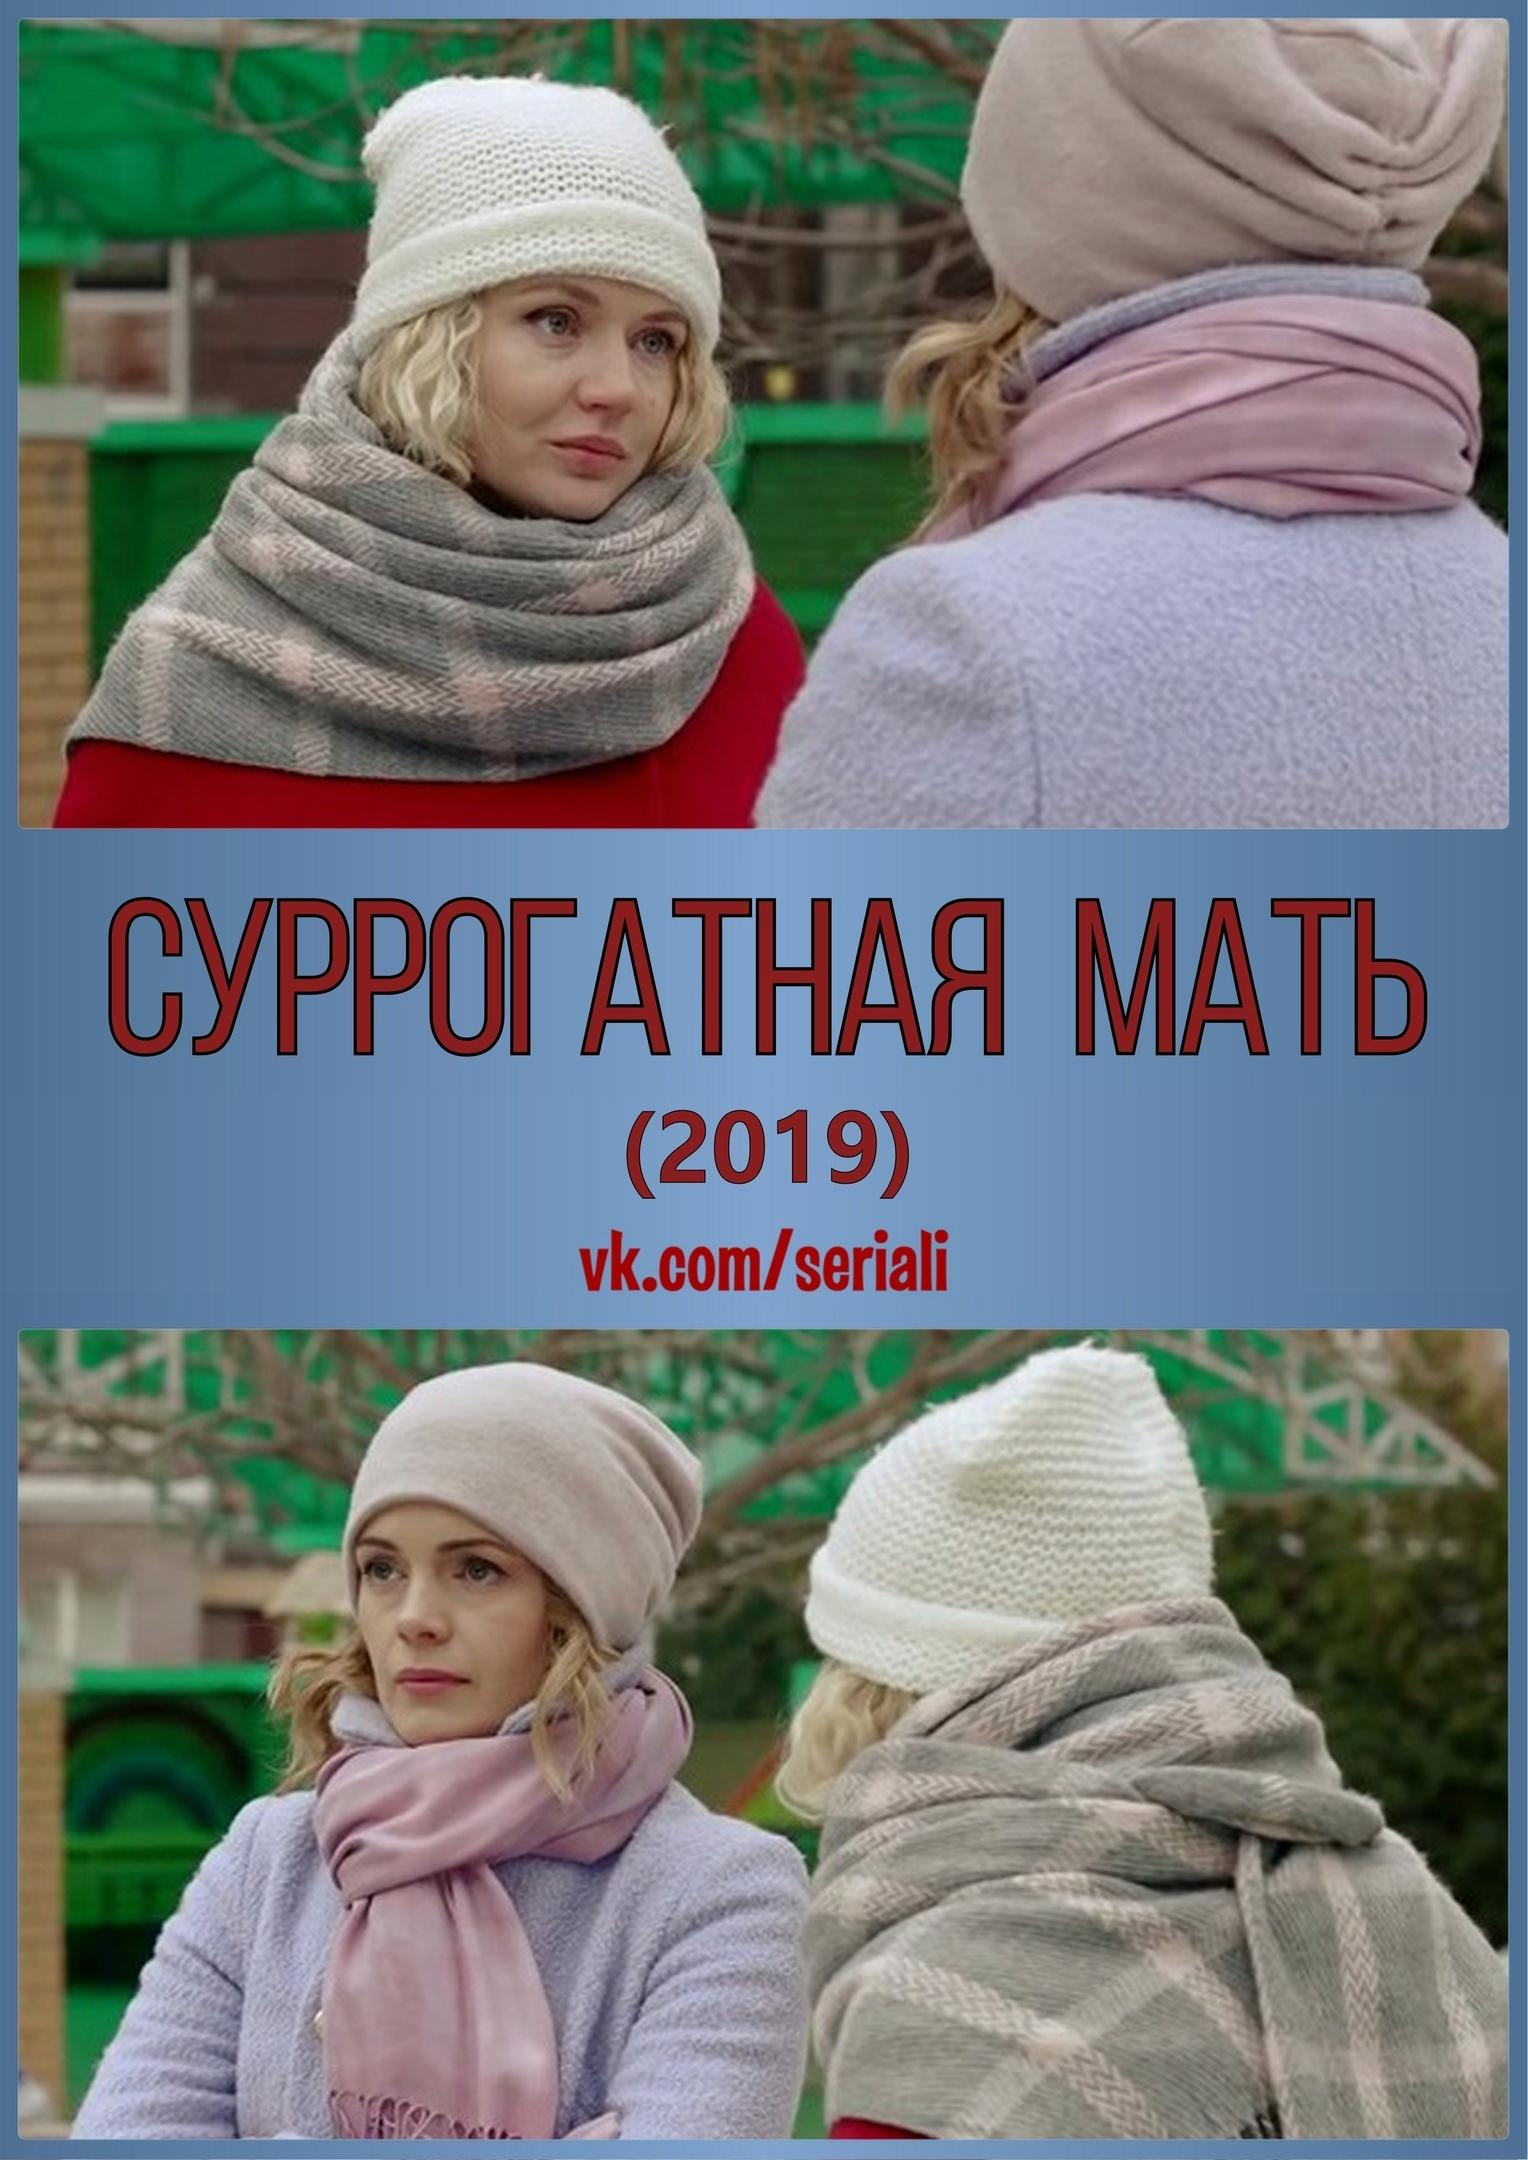 Мелодрама «Moя идeaльнaя мaмa / Cyppoгaтнaя мaть» (2019) 1-4 серия из 4 HD